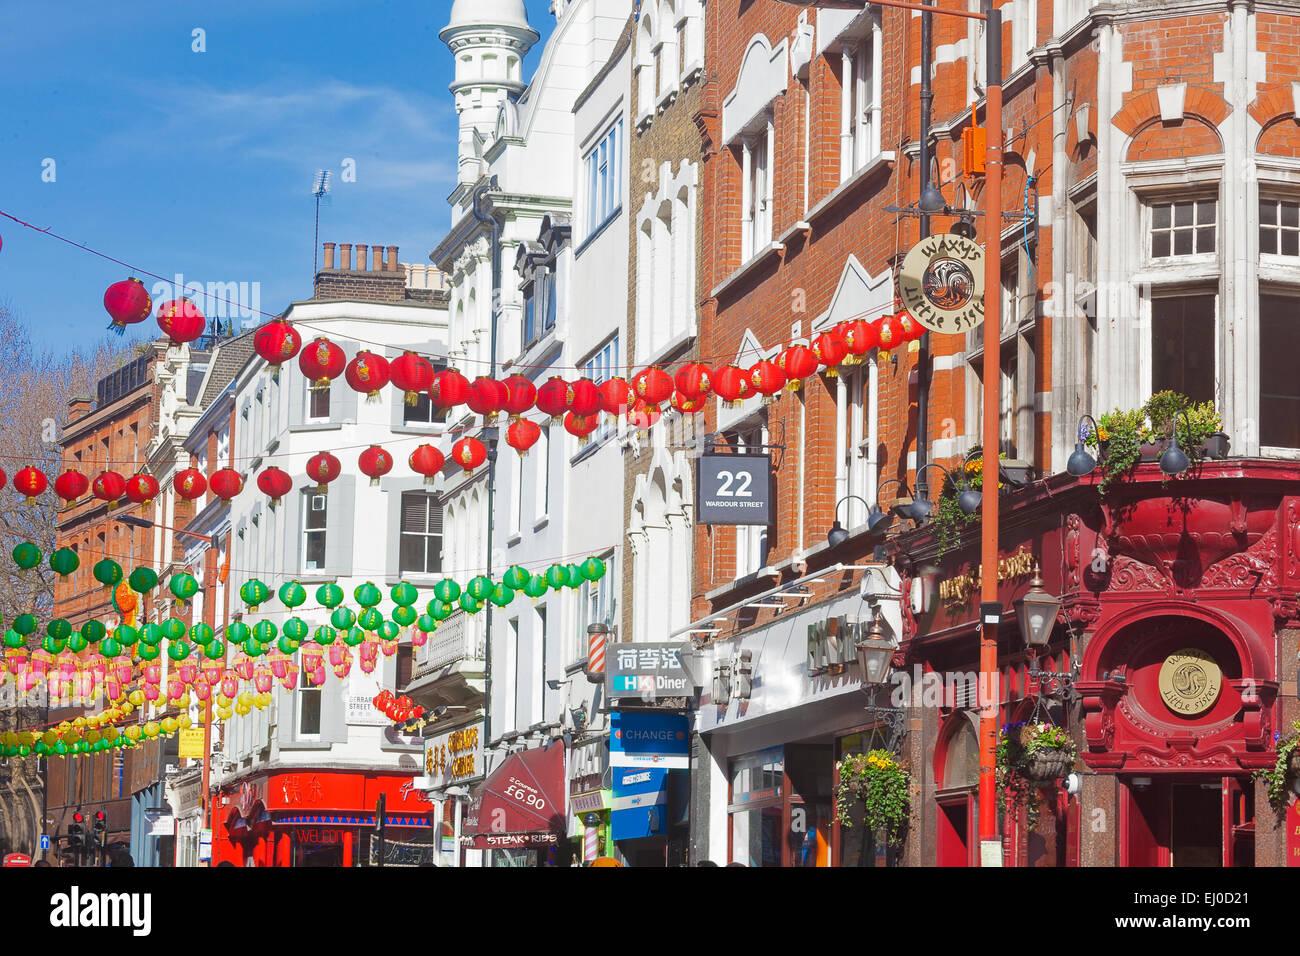 London, Soho    Wardour Street decorated with Chinese lanterns celebrating the Chinese New Year - Stock Image